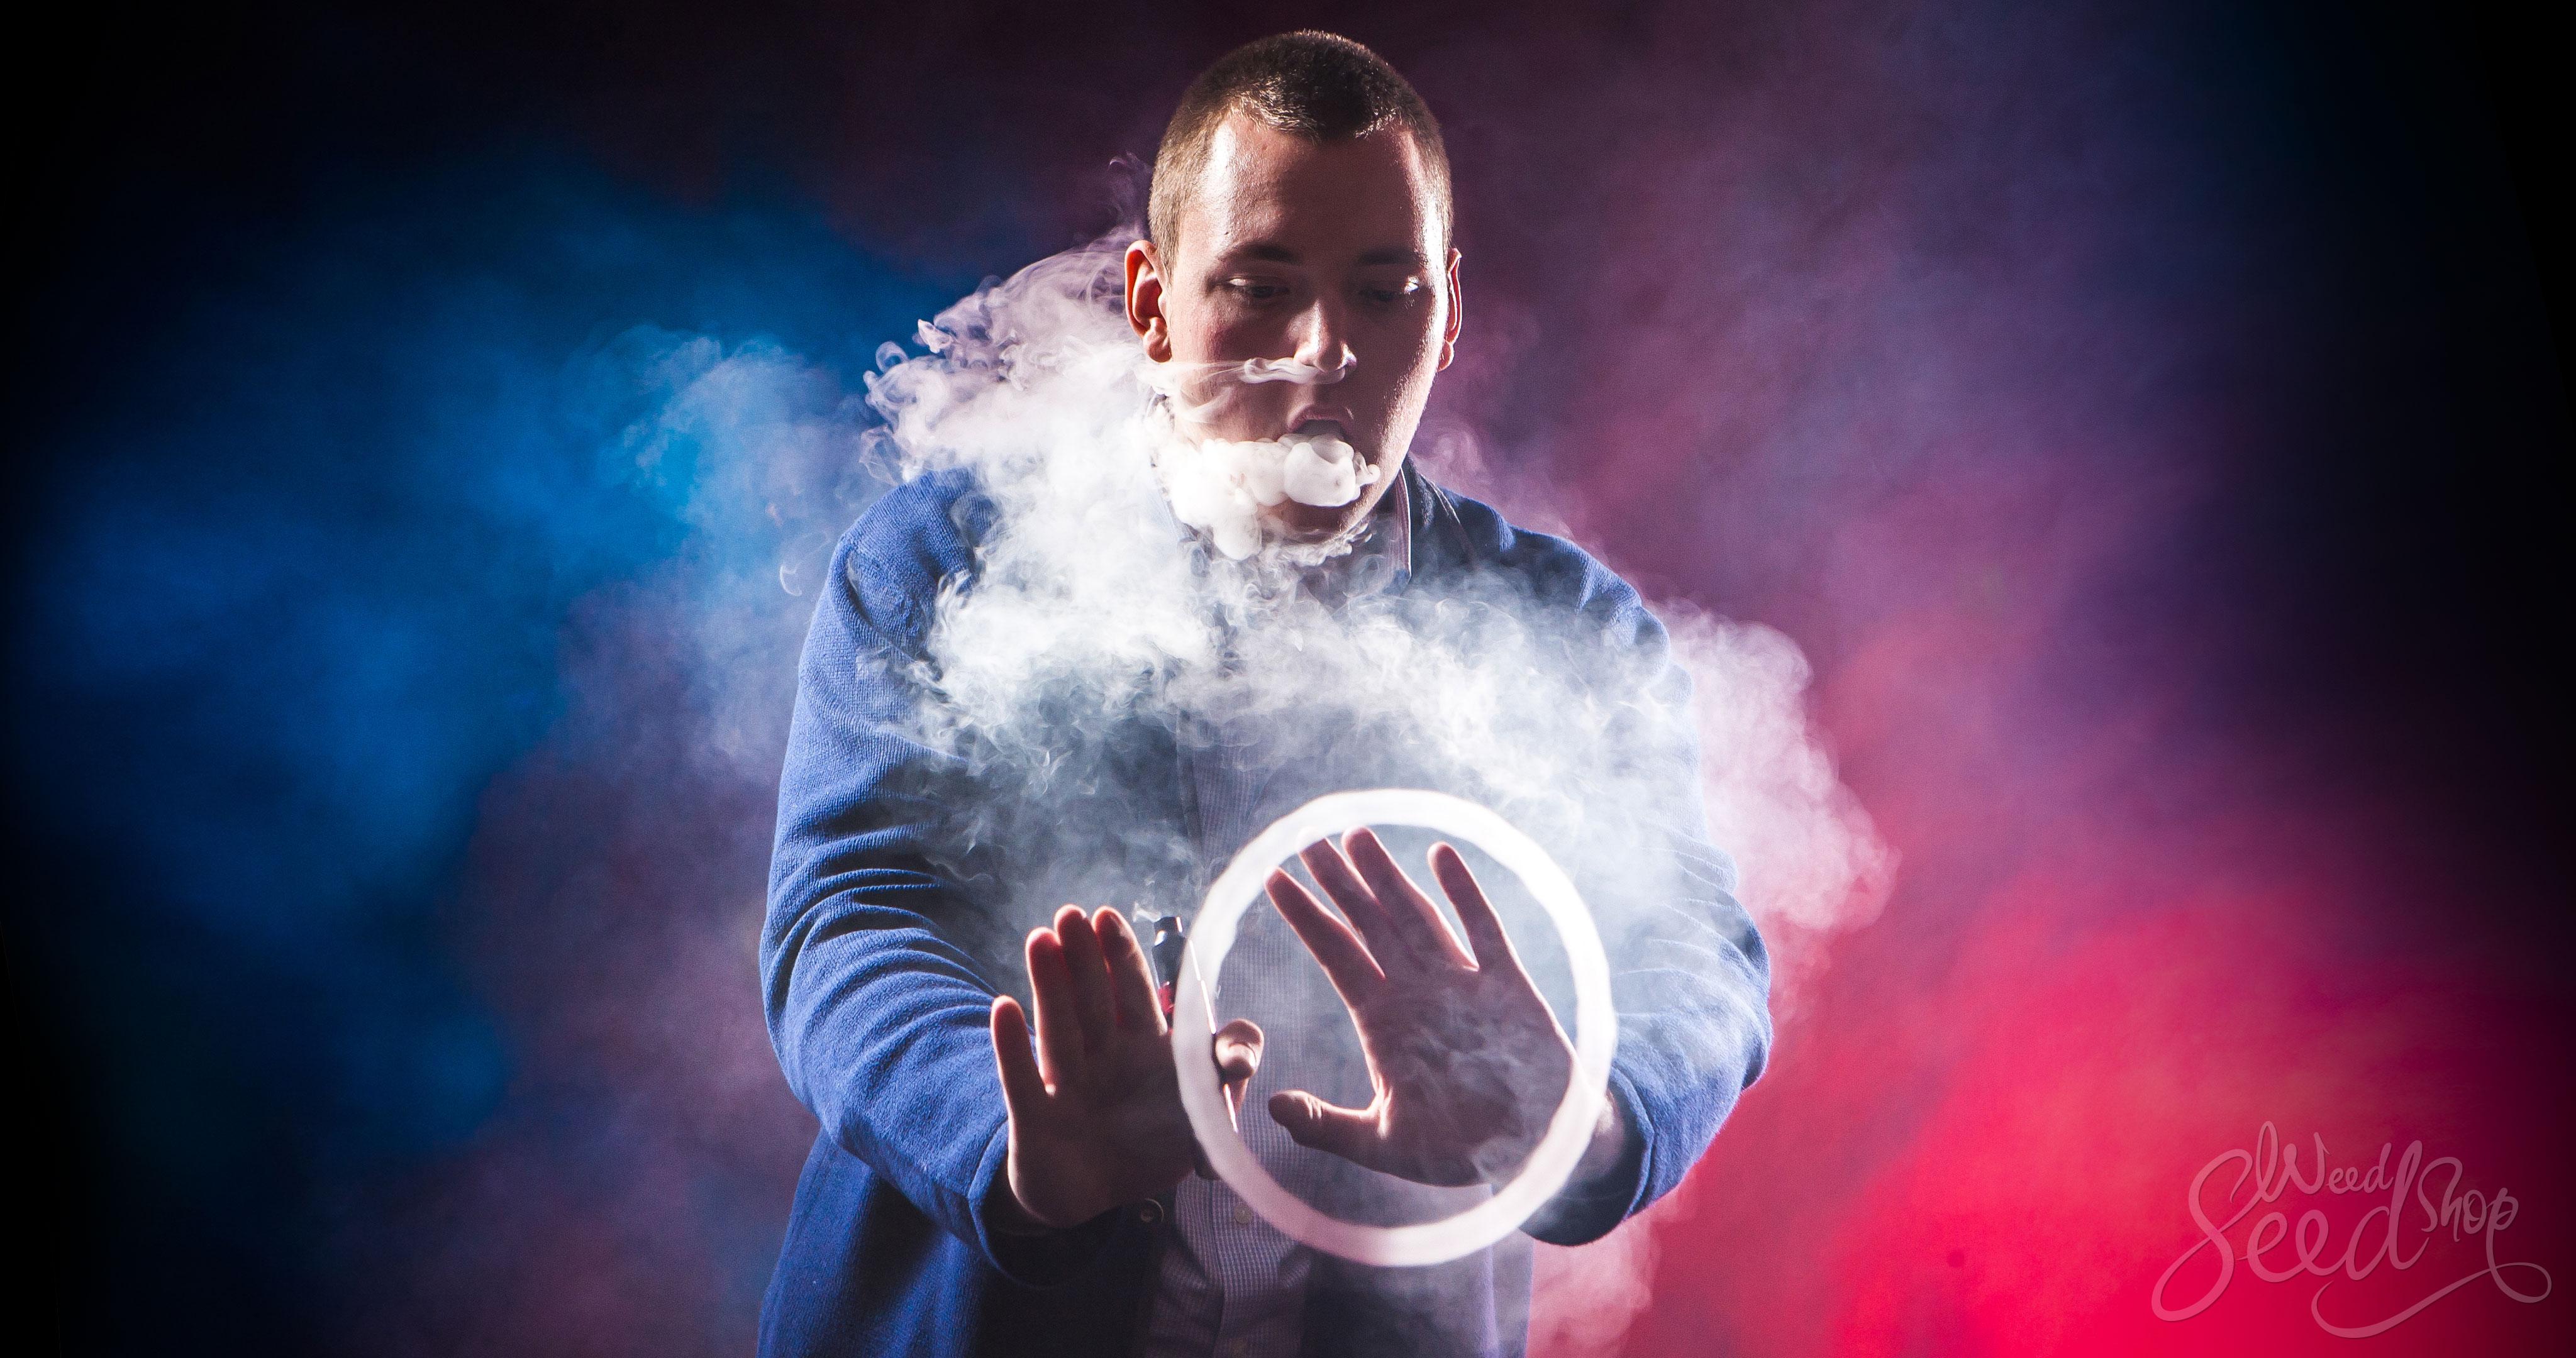 De 8 beste rook en vape trucs die je moet kunnen - WeedSeedShop